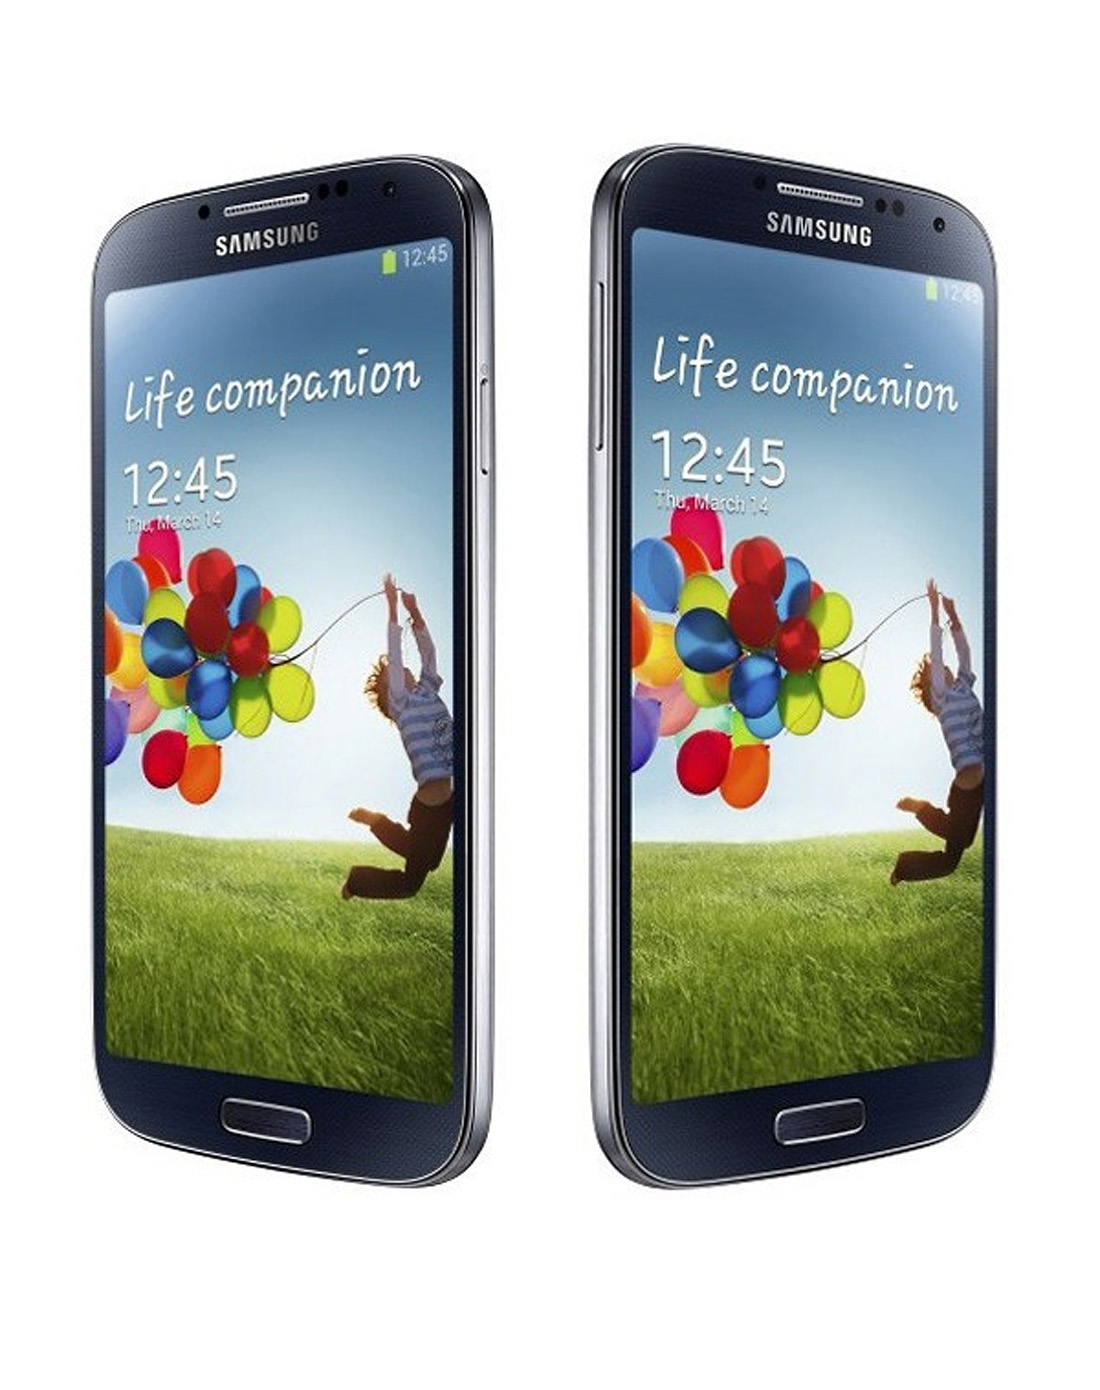 三星s4_三星galaxy s4 i9508 3g手机(星空黑)td-scdma/gsm 移动版